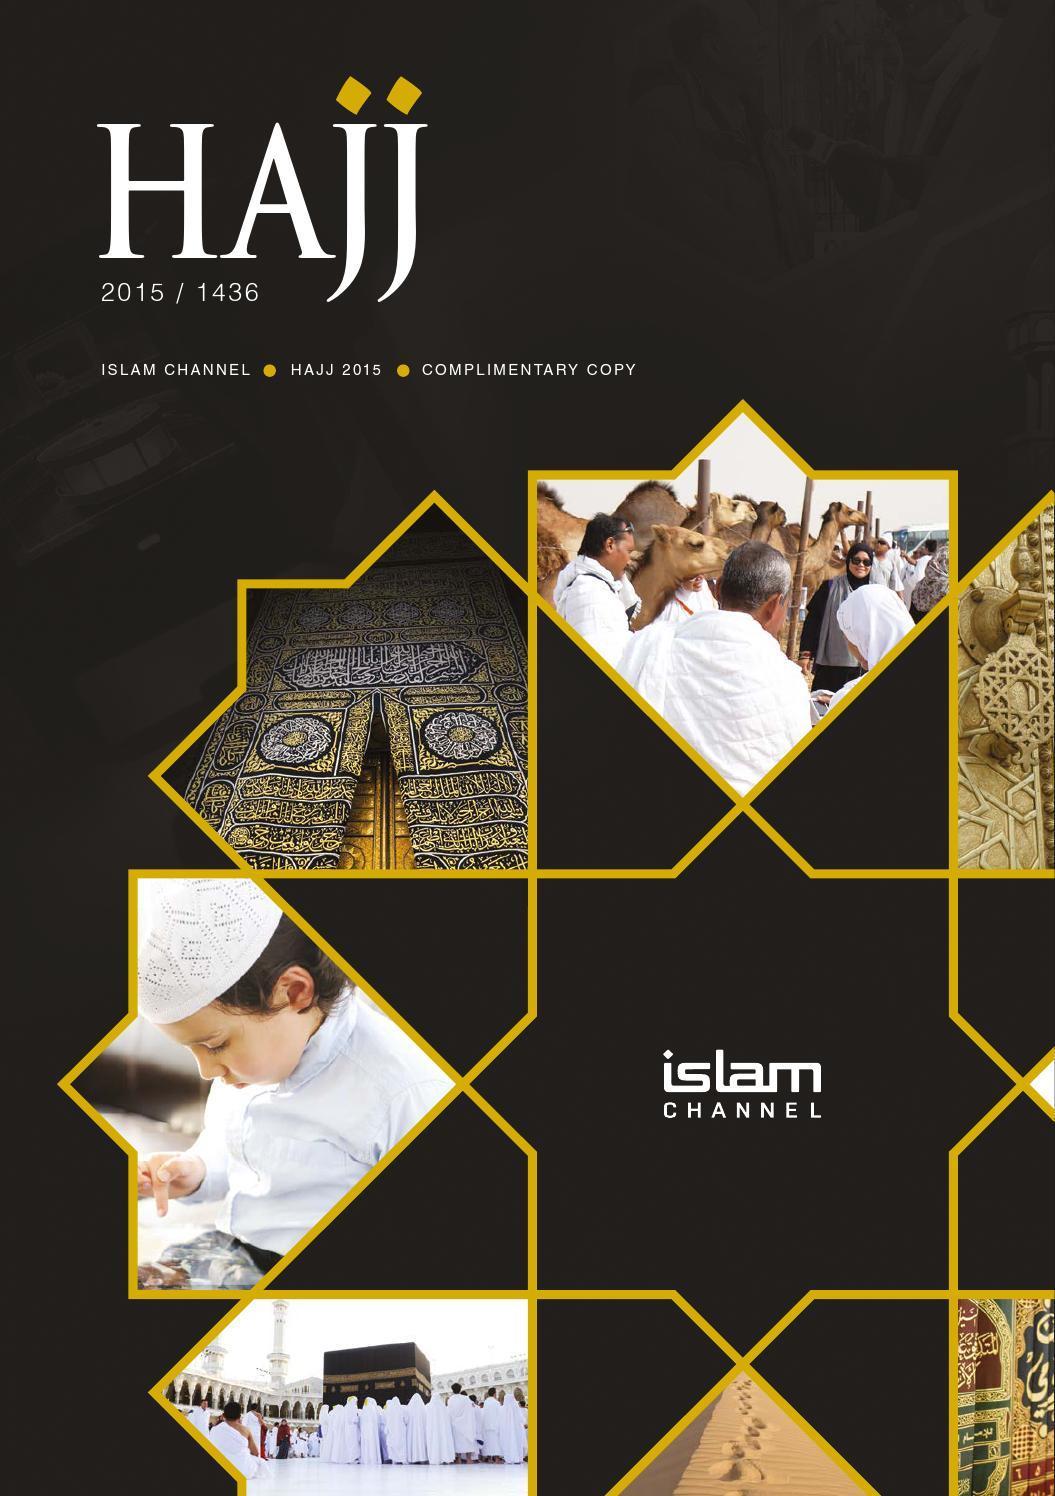 islam channel hajj brochure 2015 by islam channel